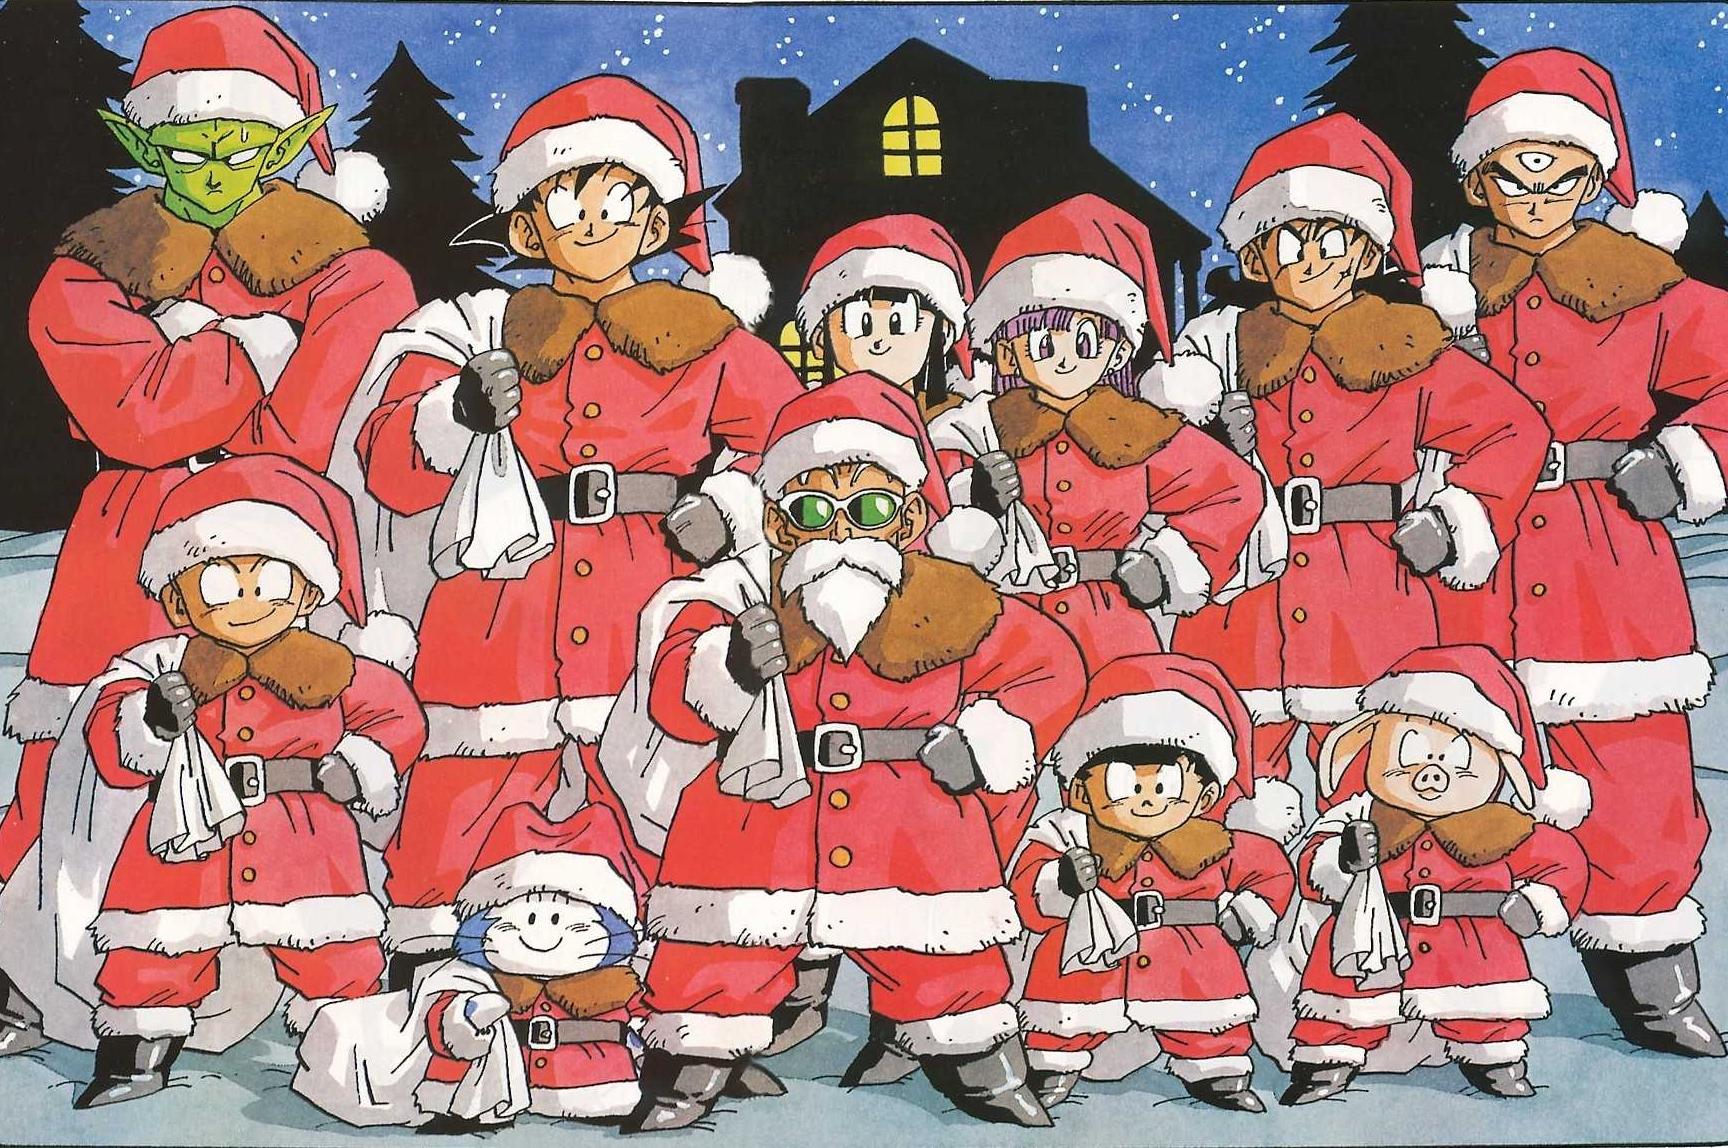 [BLOG] Joyeux Noel a tous !